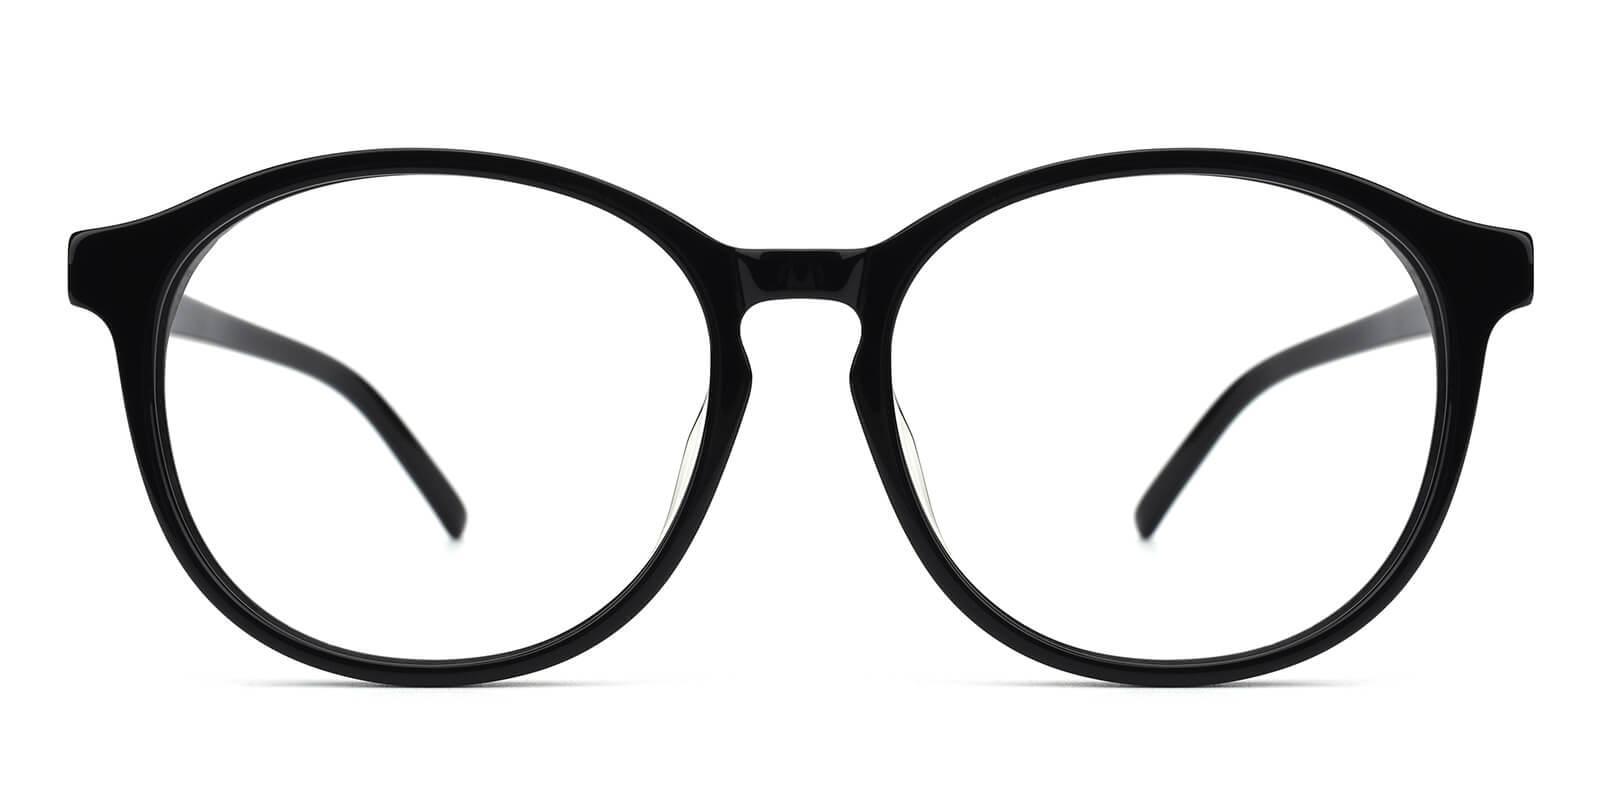 Havana-Black-Round-Acetate-Eyeglasses-additional2